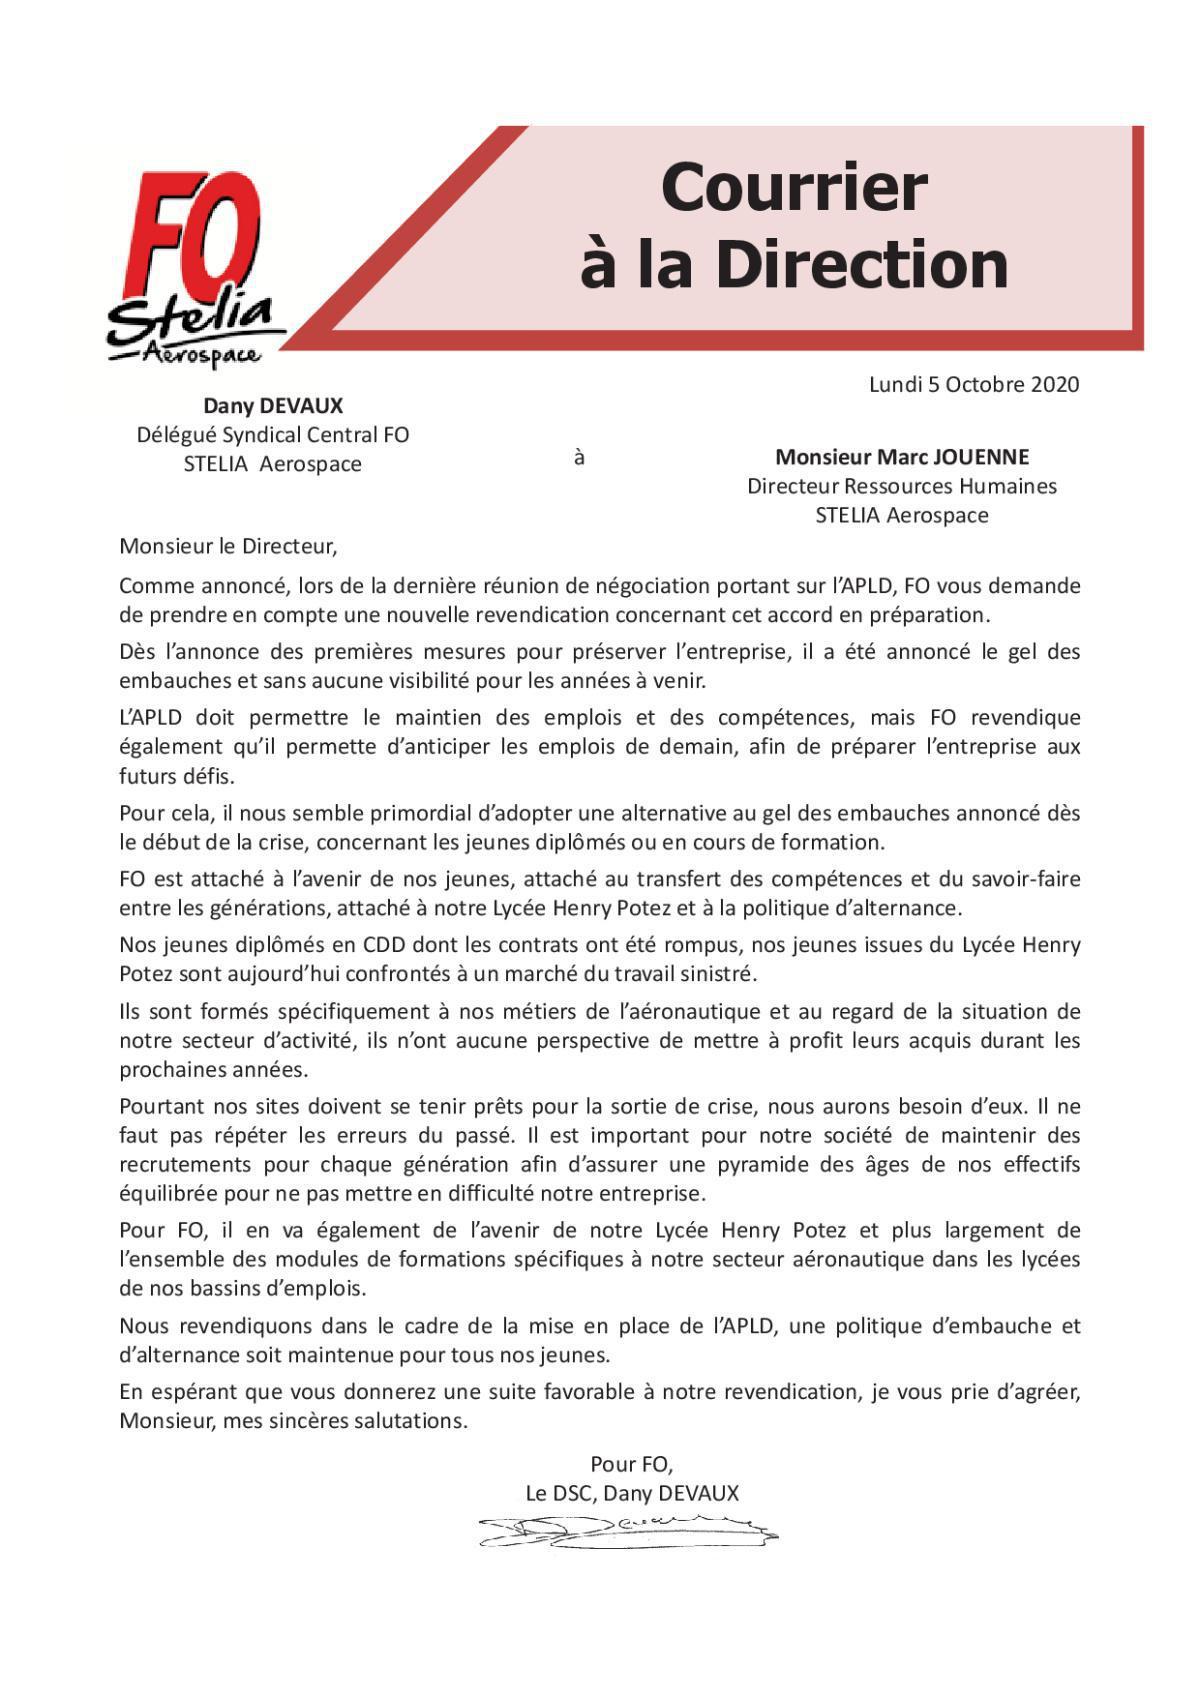 Courrier FO adressé à Monsieur Marc JOUENNE (Directeur Ressources Humaines) STELIA